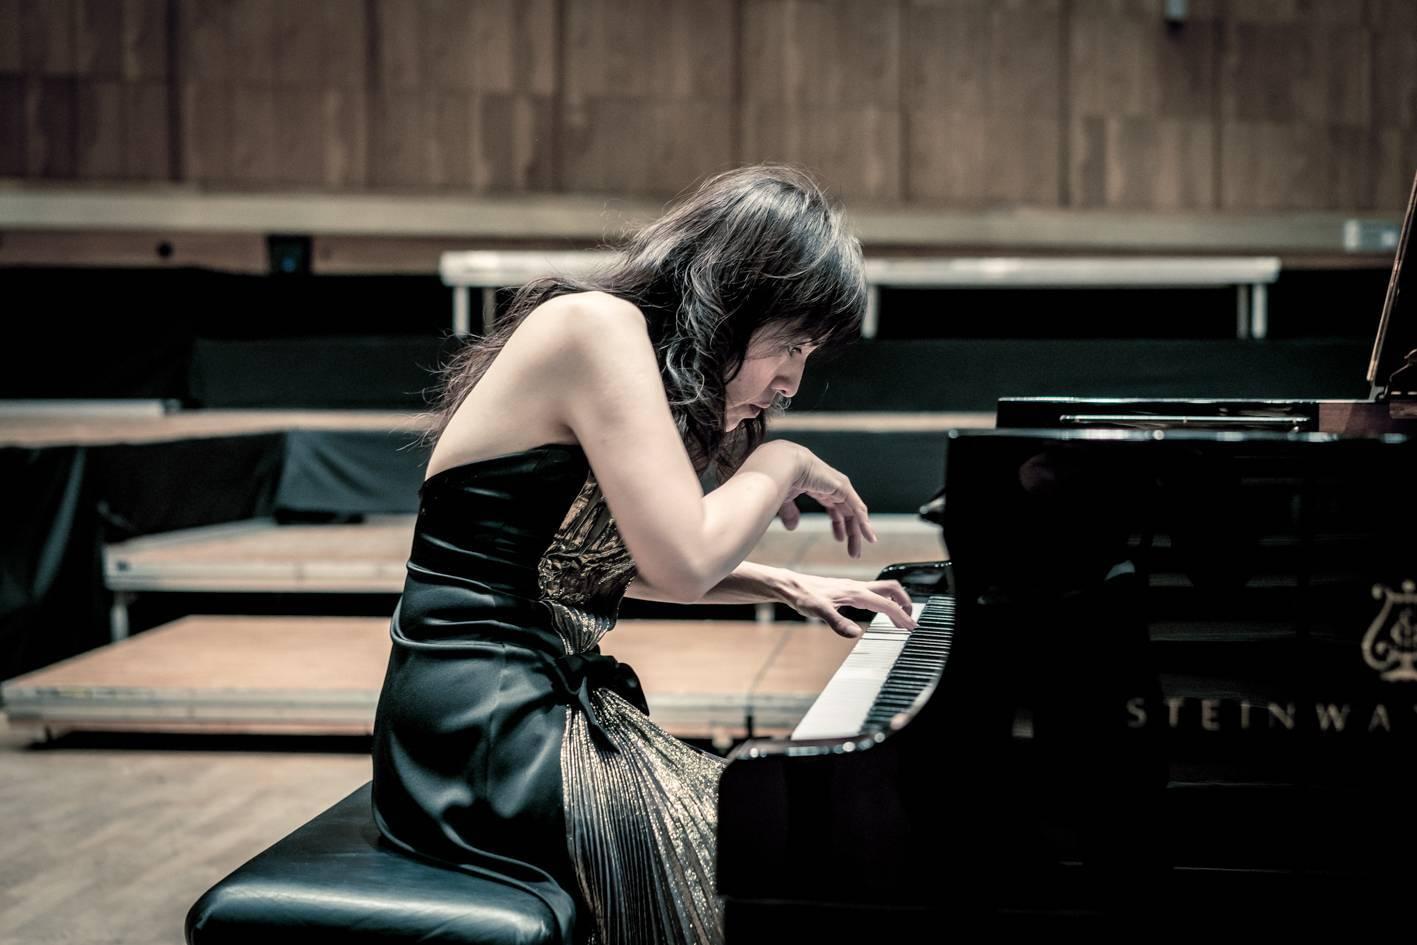 「ウィーン国際音楽コンクール」1位のクラシックピアニストの日南由紀子が全国のお寺で音楽を掛け合わせた映像を制作、発信していくプロジェクトが始動サムネイル画像